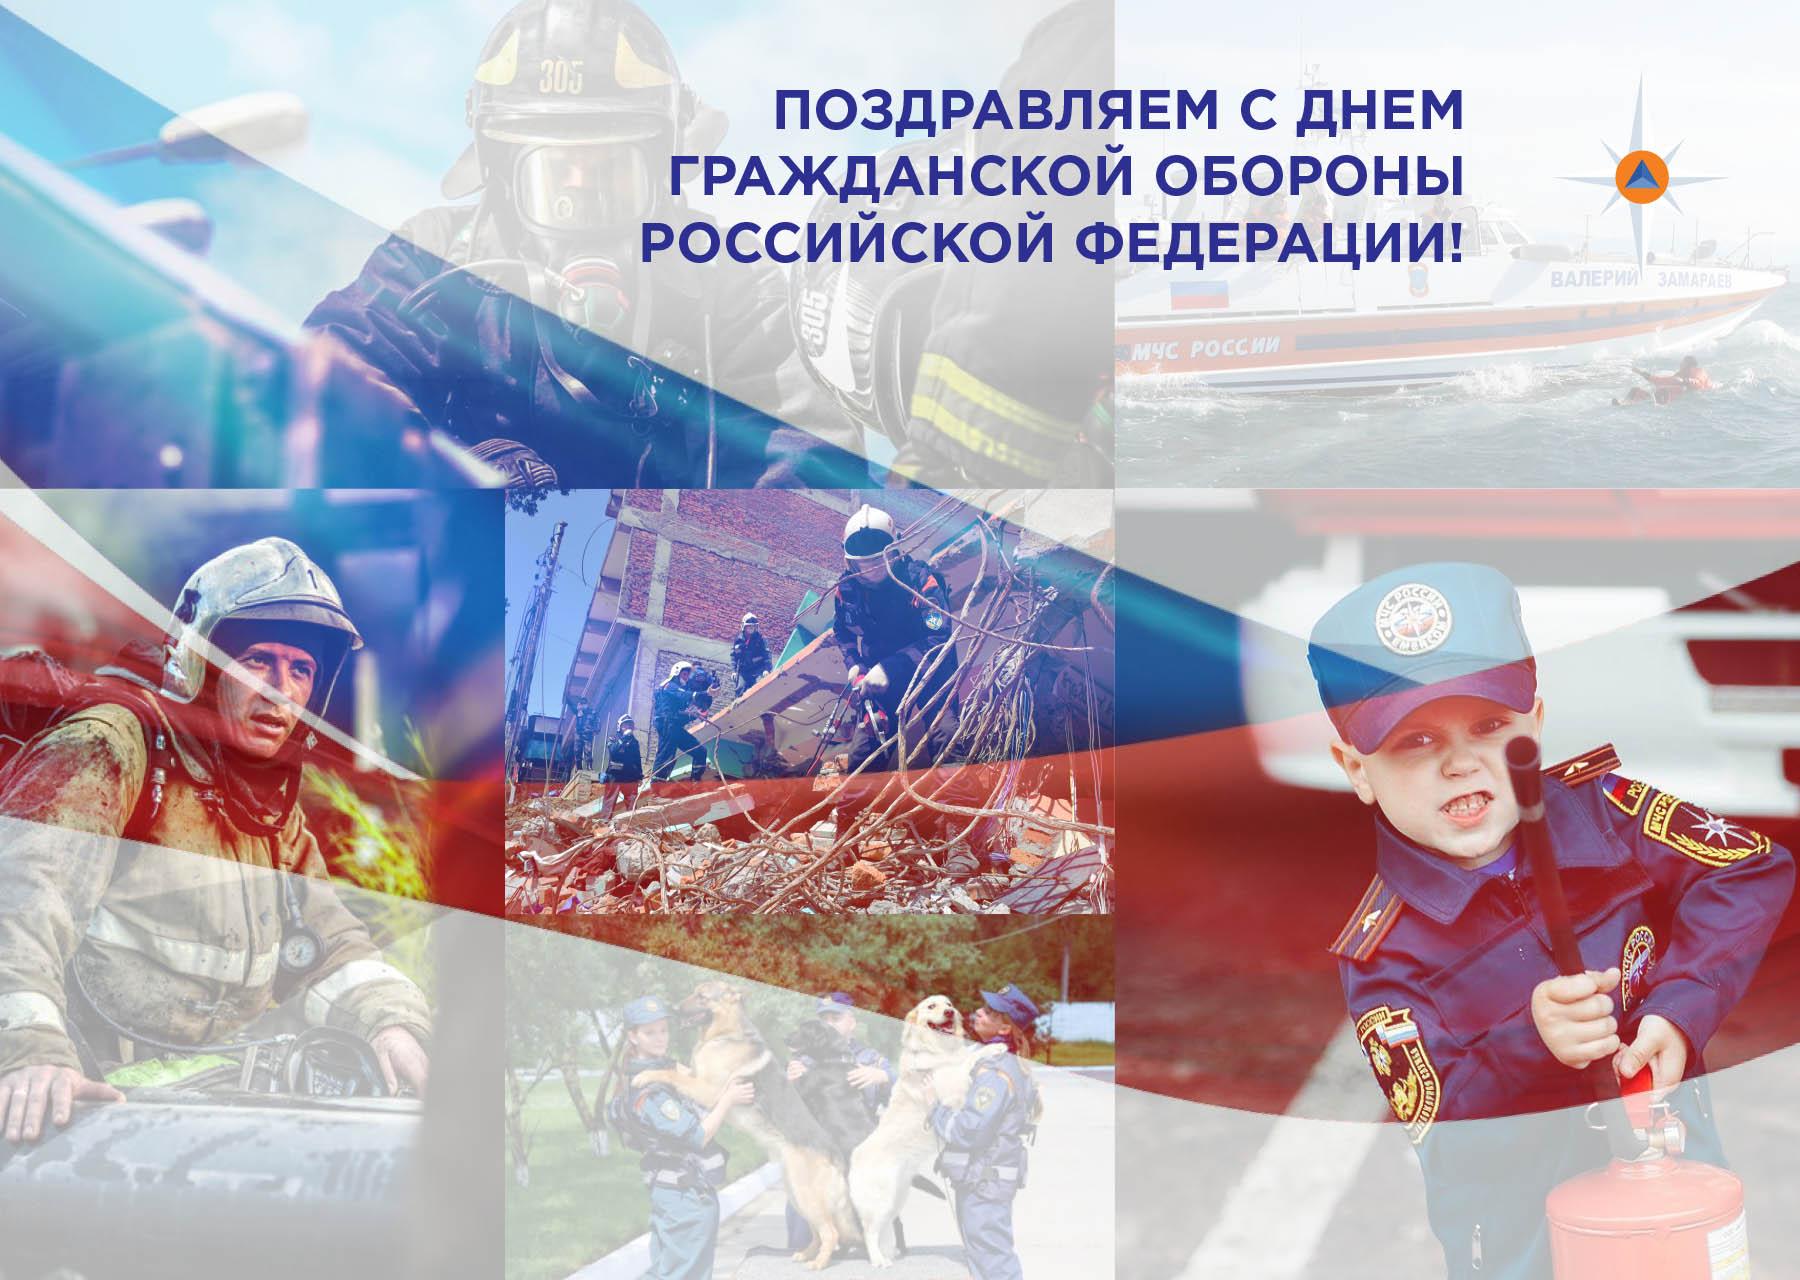 Поздравления с днем гражданской обороны открытки